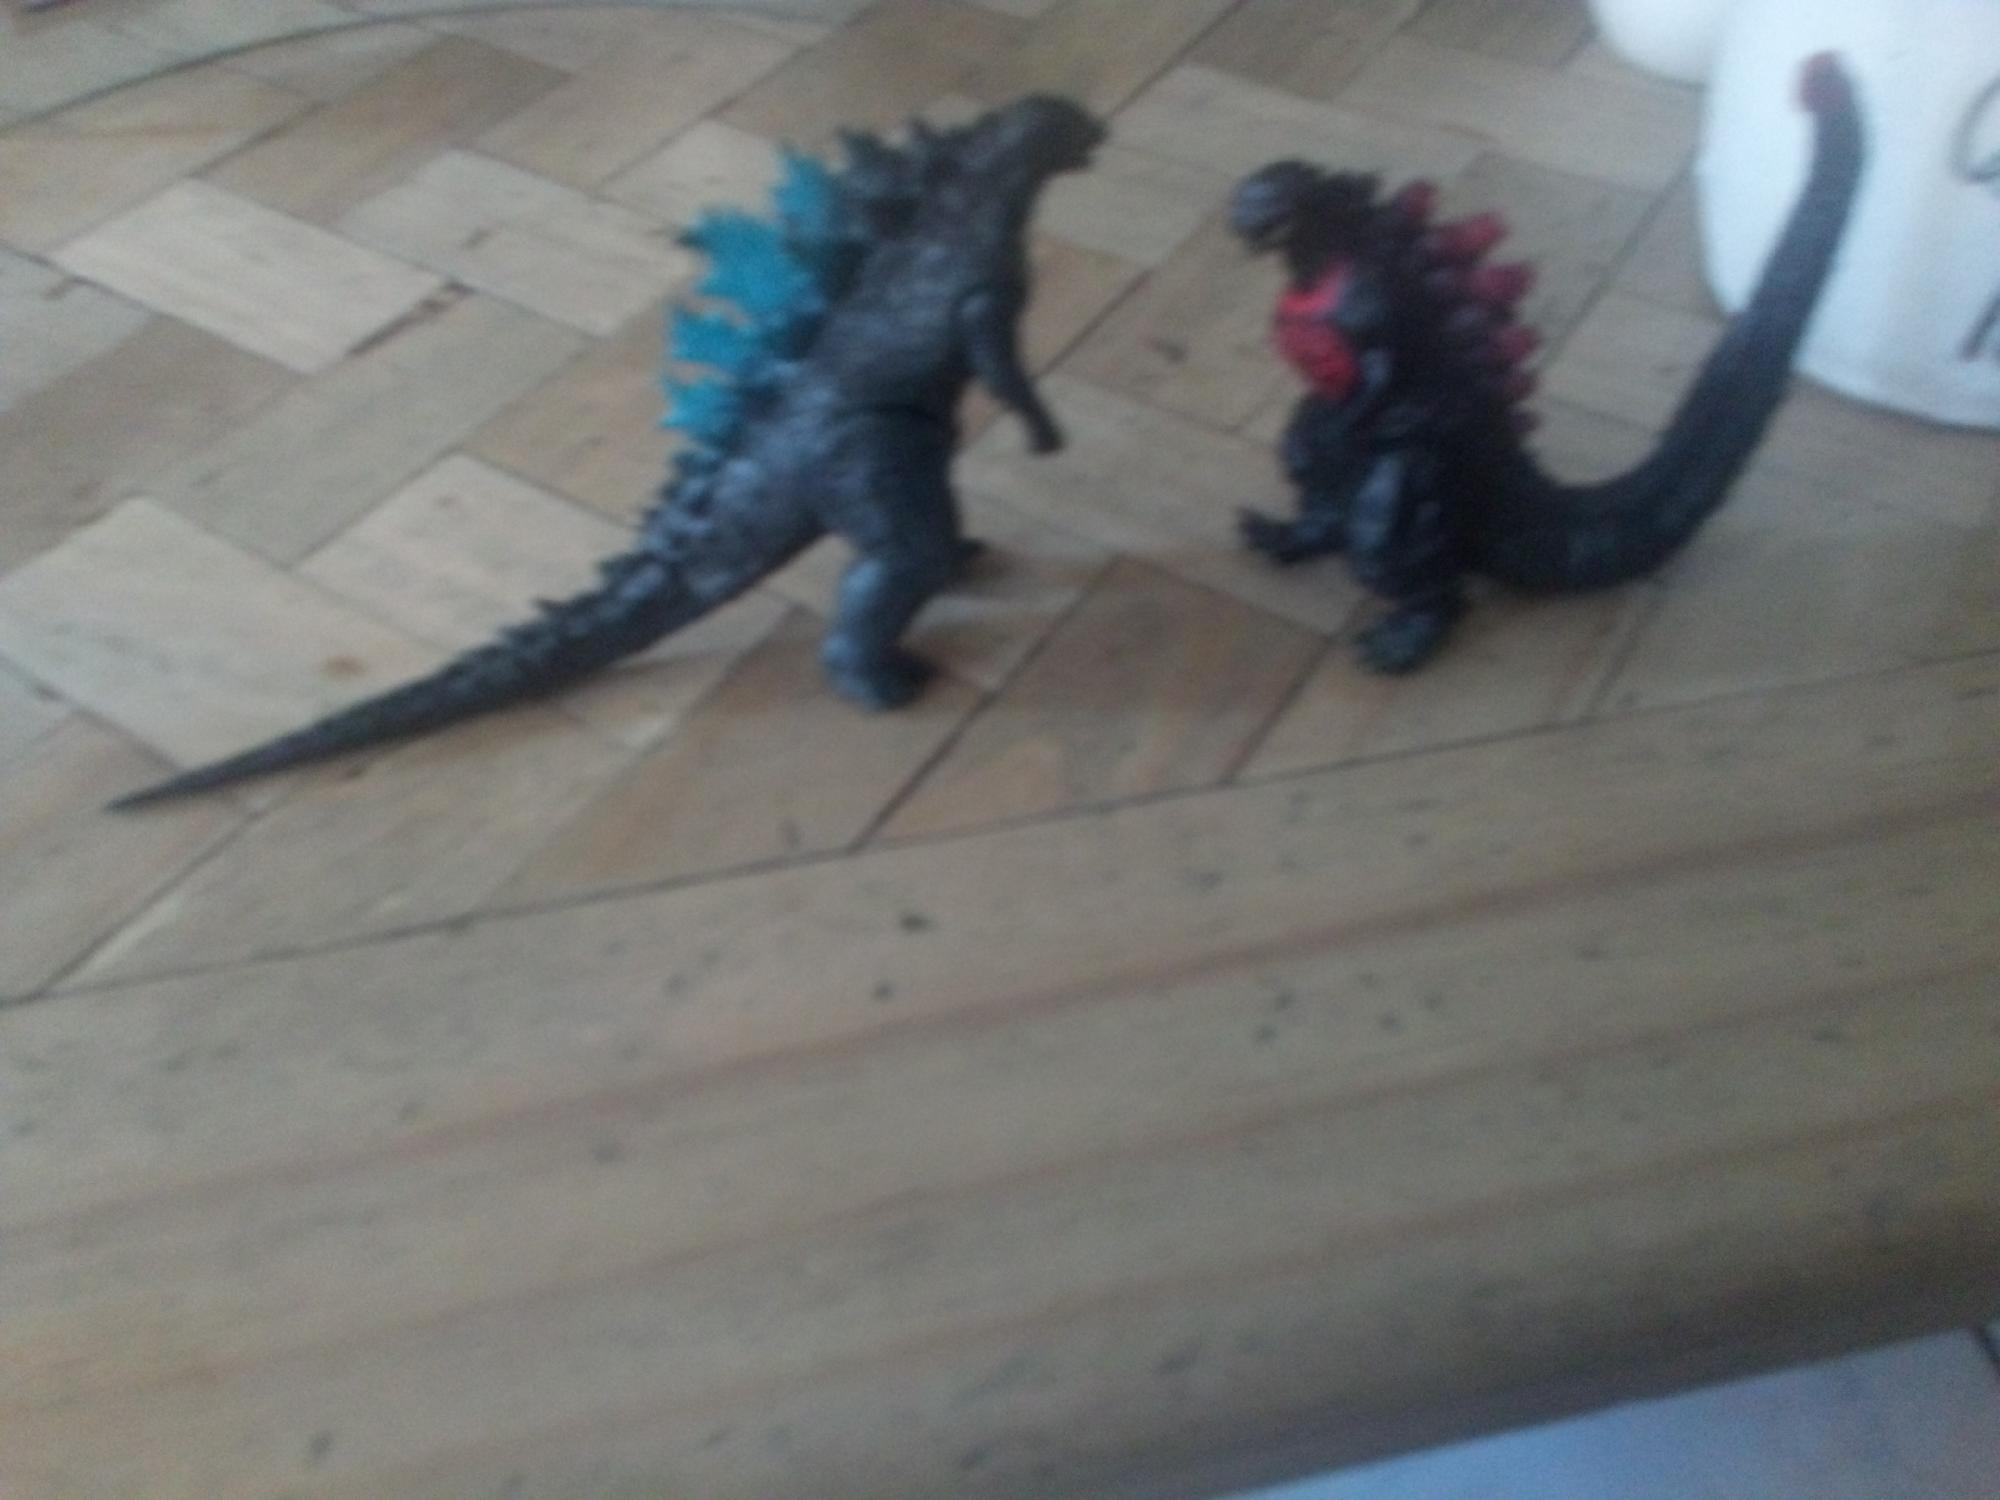 Godzilla legendary vs shin godzilla